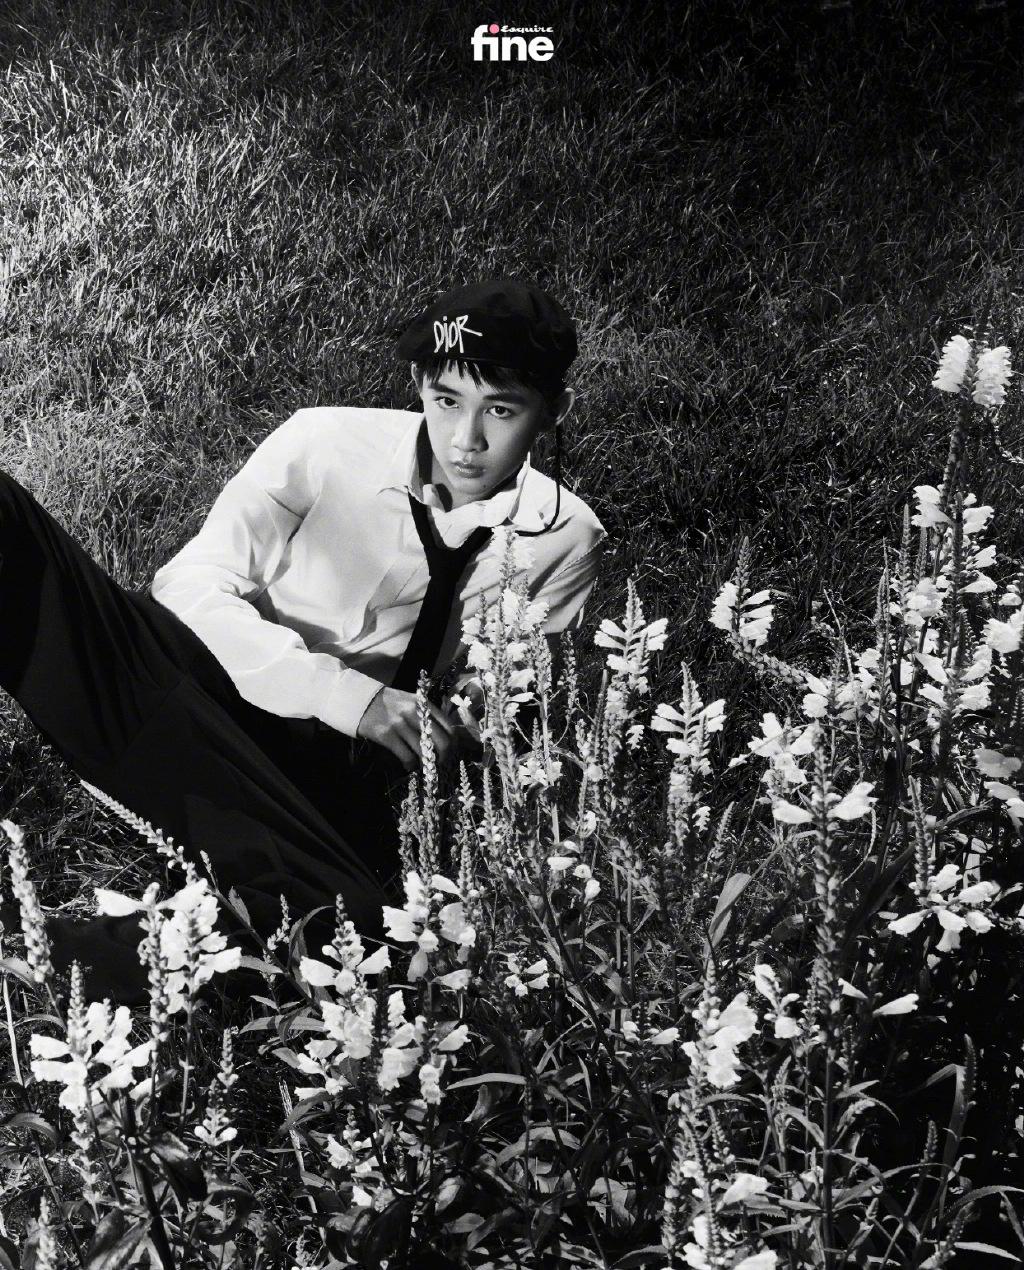 """《【杏鑫娱乐待遇】朱朝阳严良同框坐""""小白船"""" 黑白写真大秀腹肌》"""